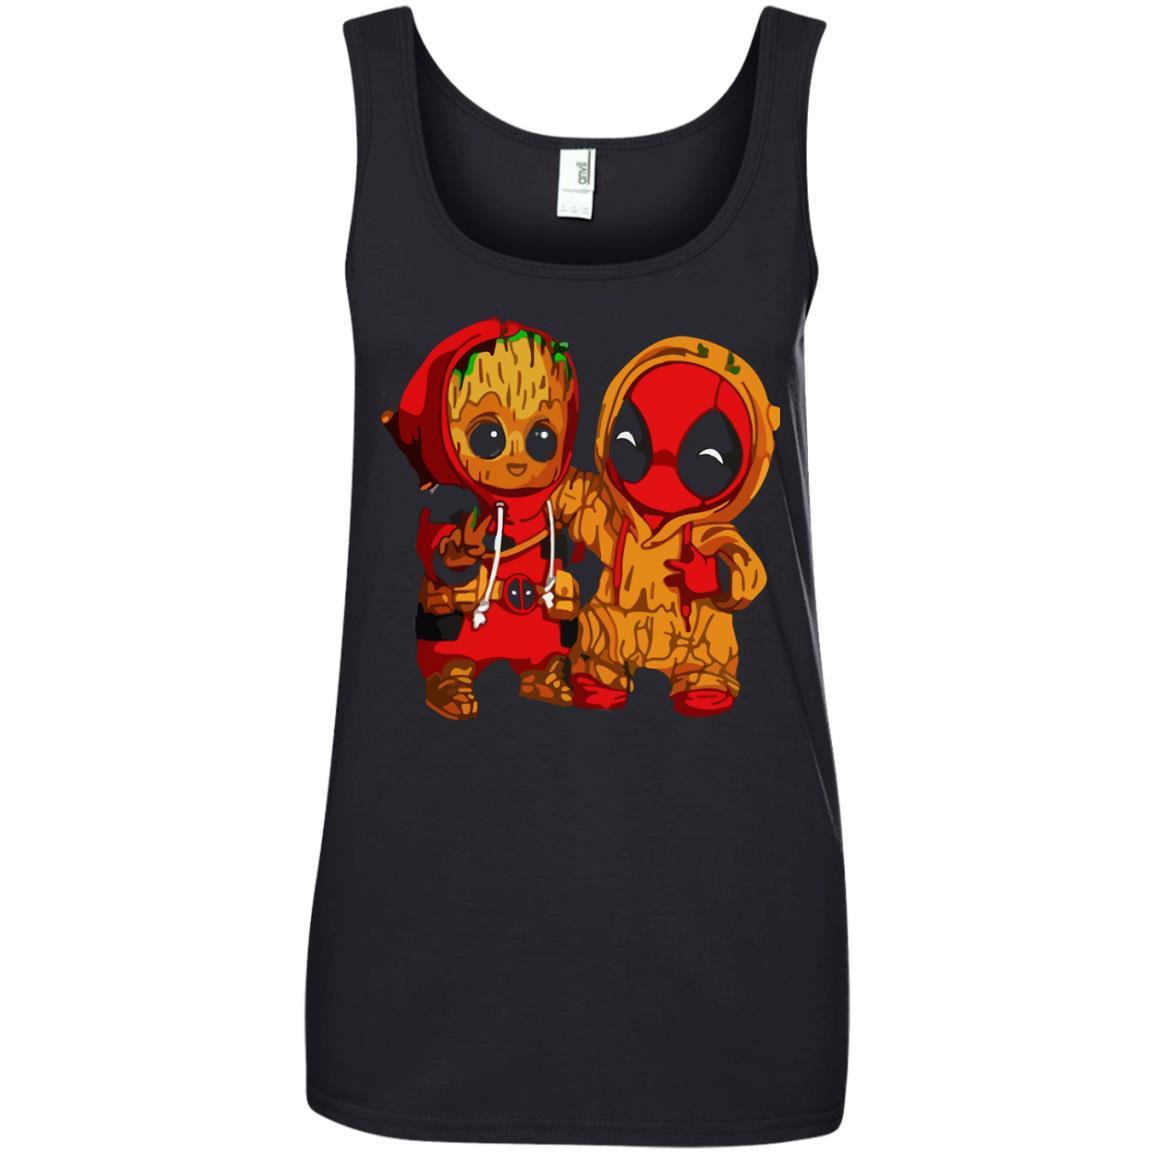 image 439 - Baby Groot And Deadpool Sweatshirt, Hoodie